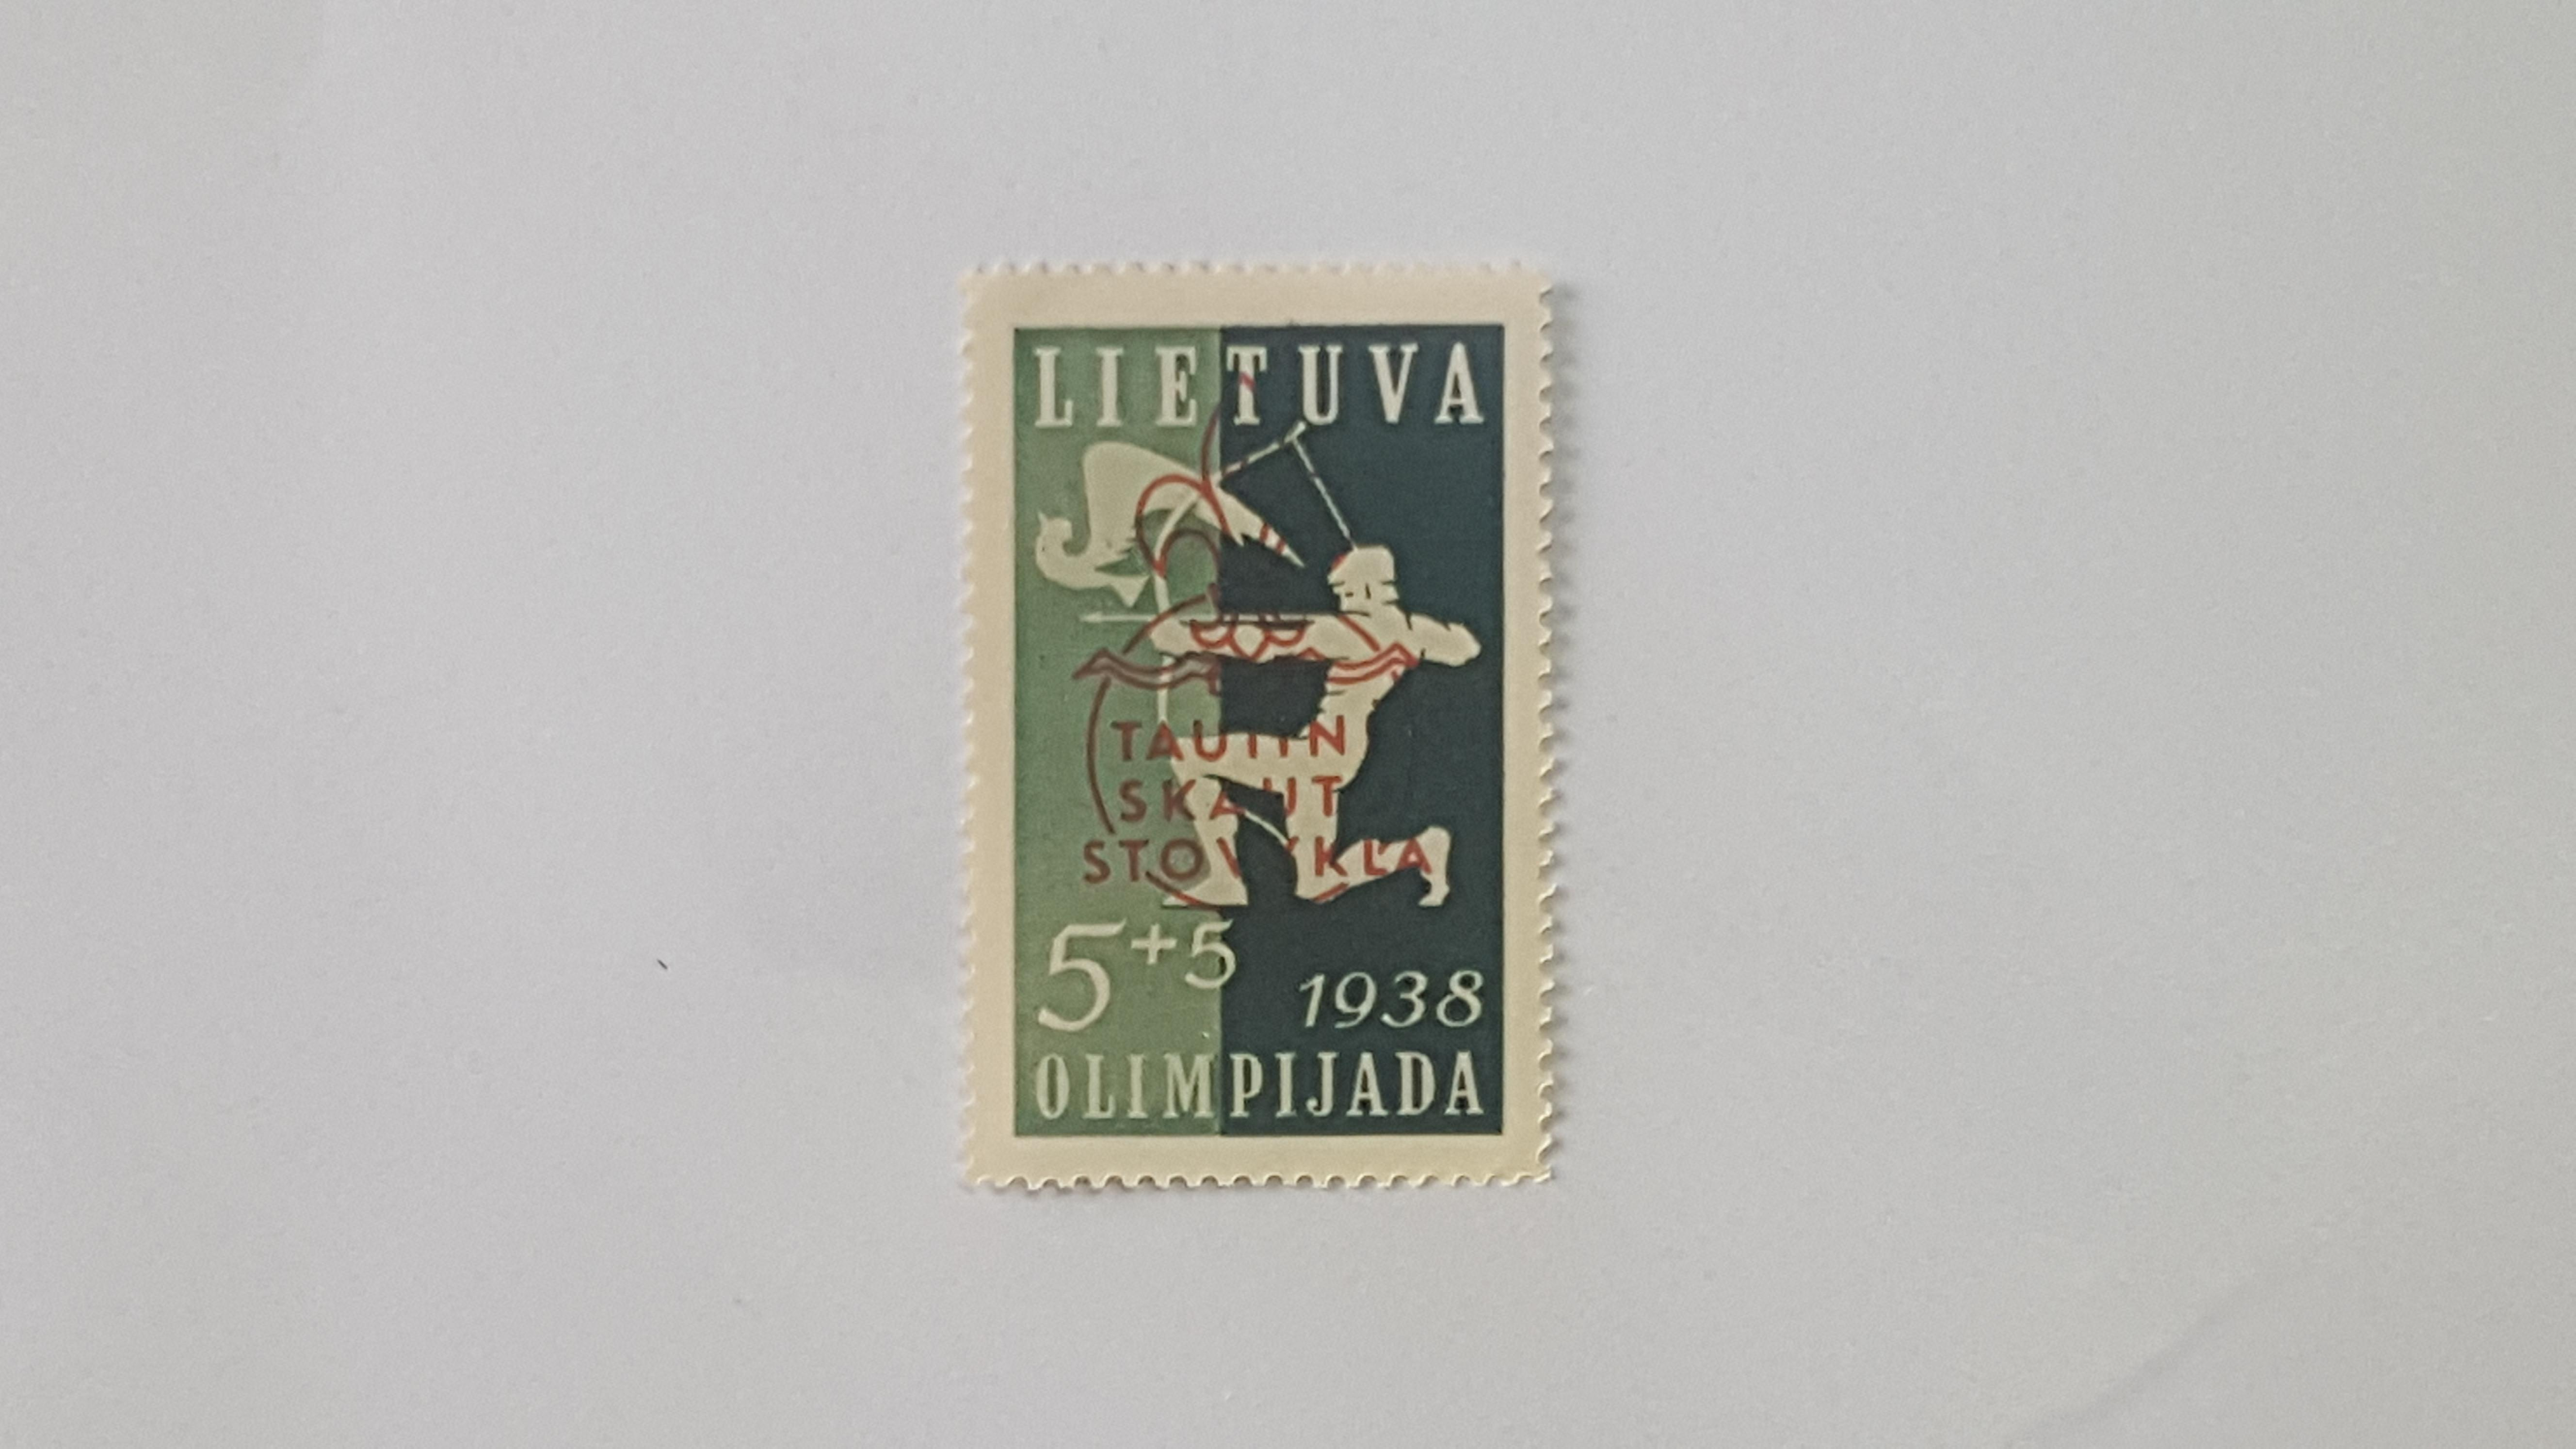 Tautinės skautų stovyklos laida 1938m